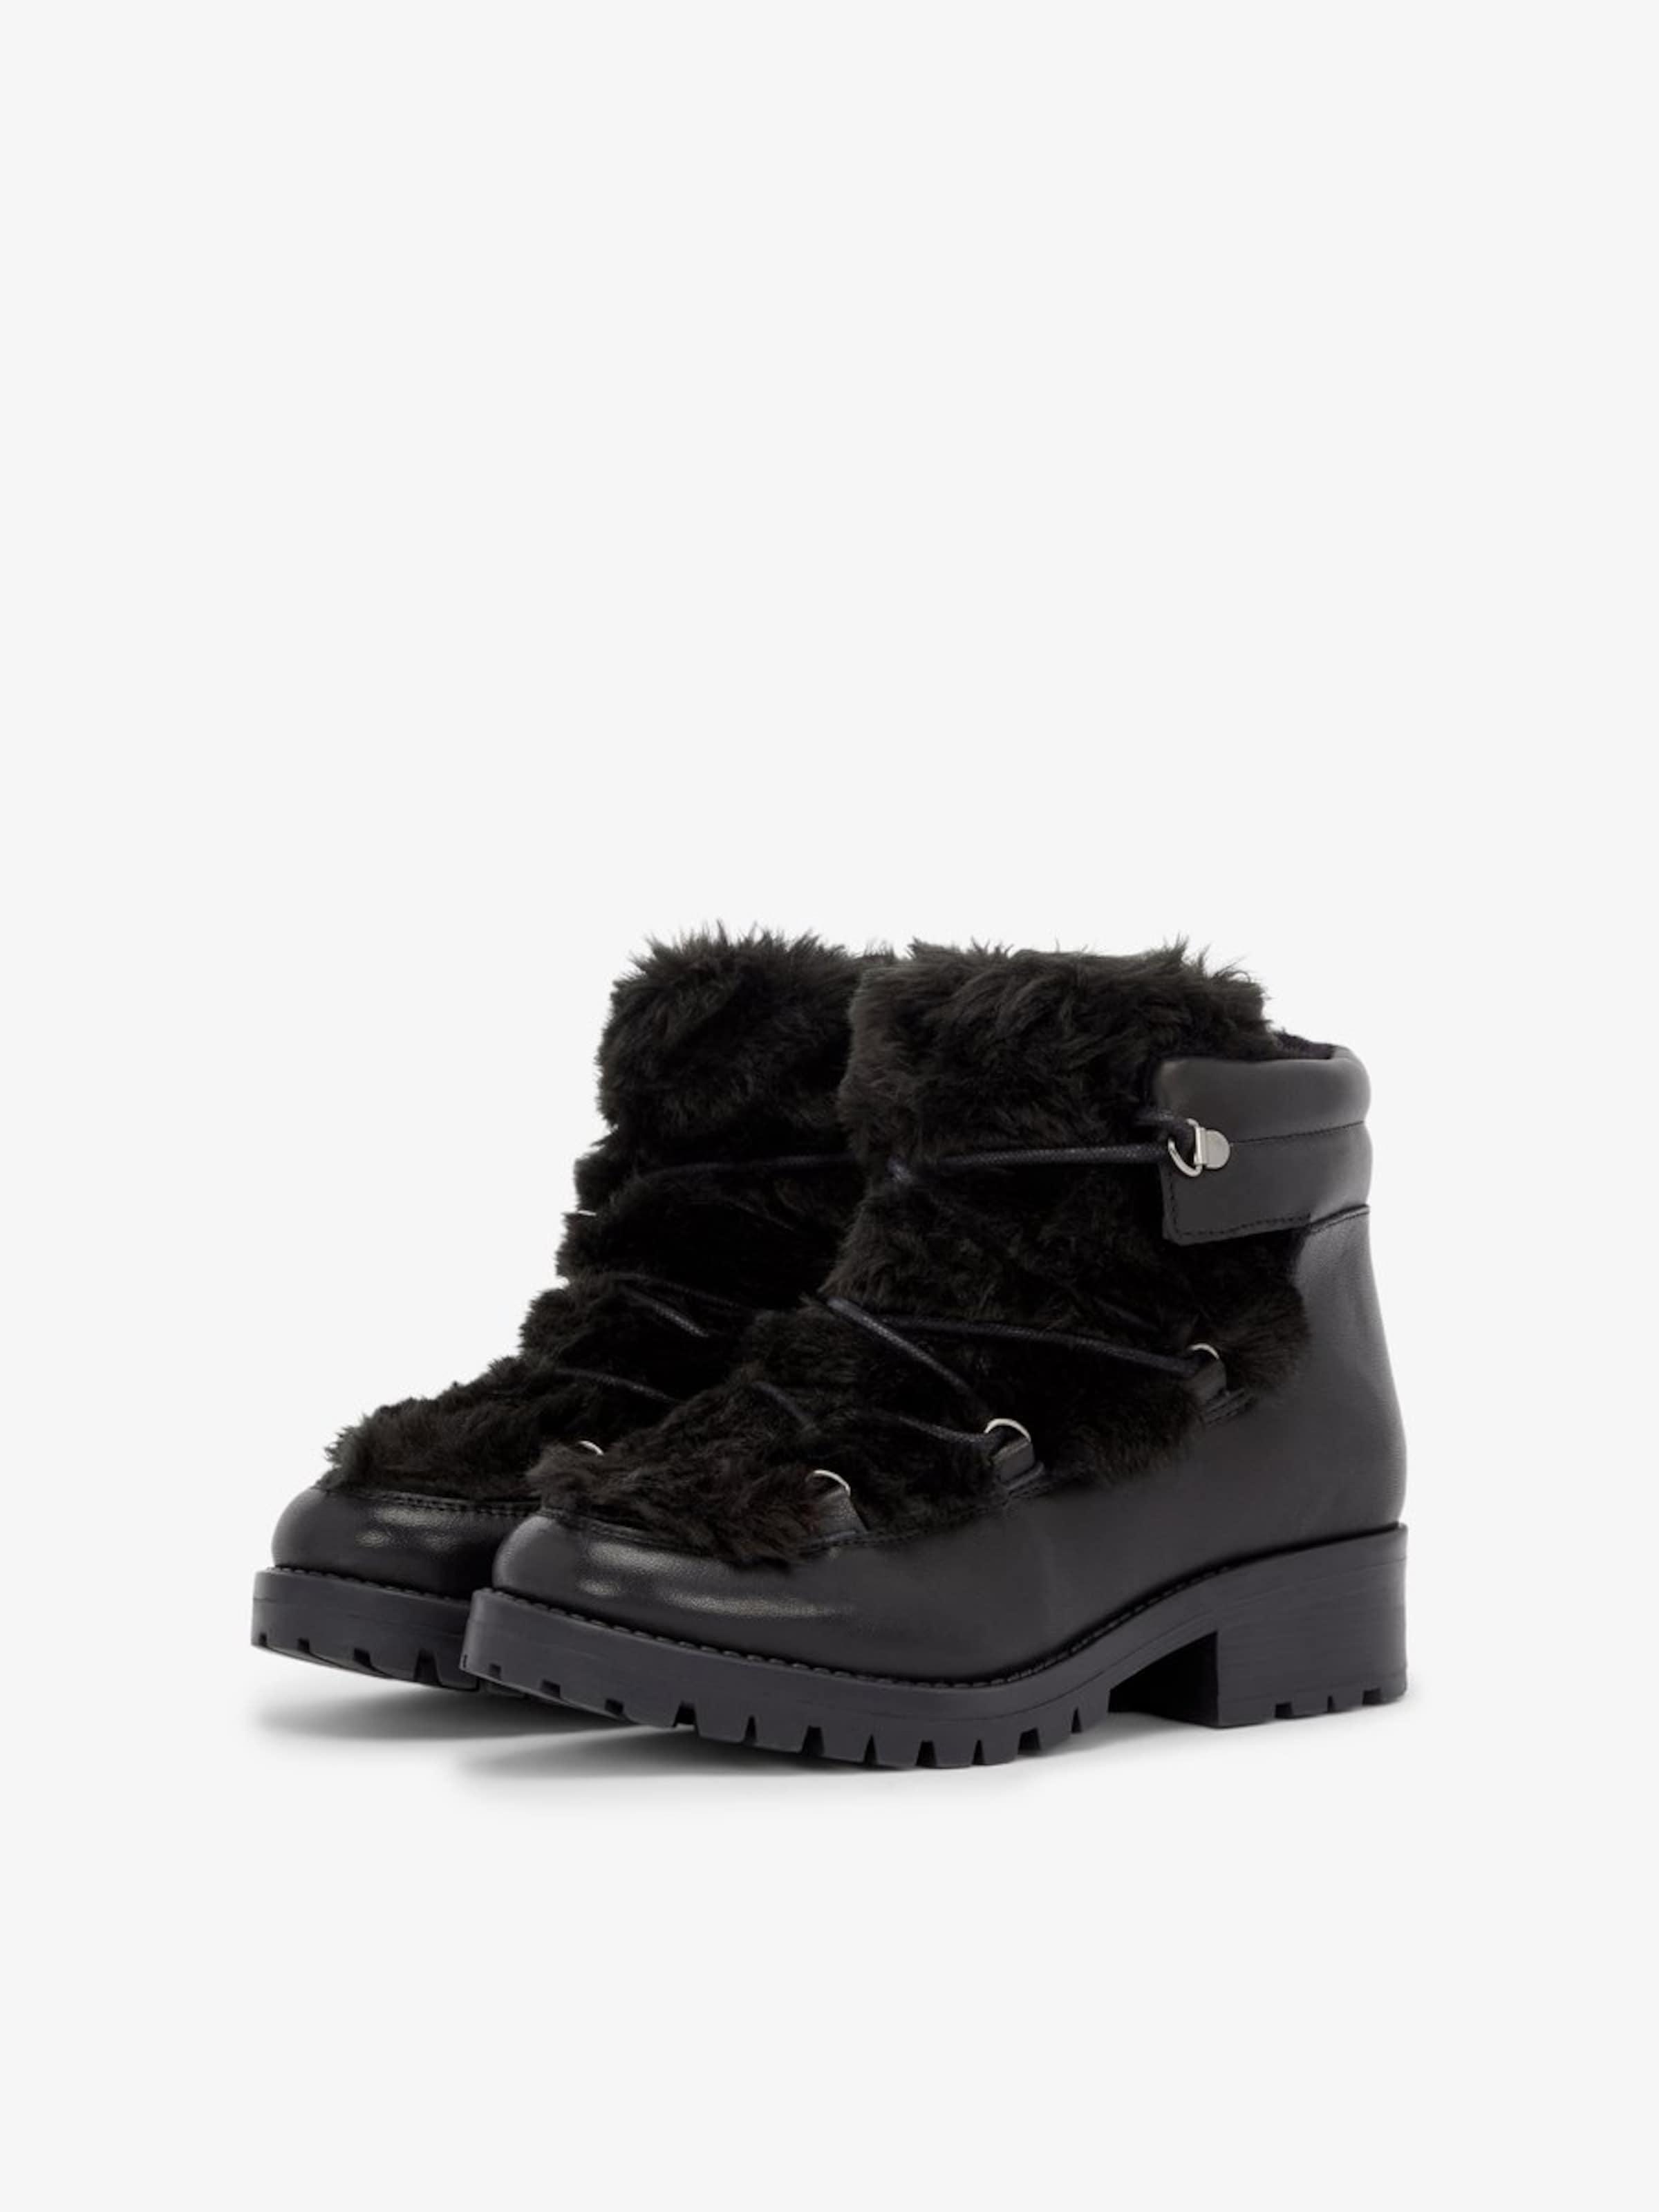 In Bianco Ankle Boots Bianco Ankle In Bianco Ankle Boots Schwarz Schwarz wOXZuPiTk